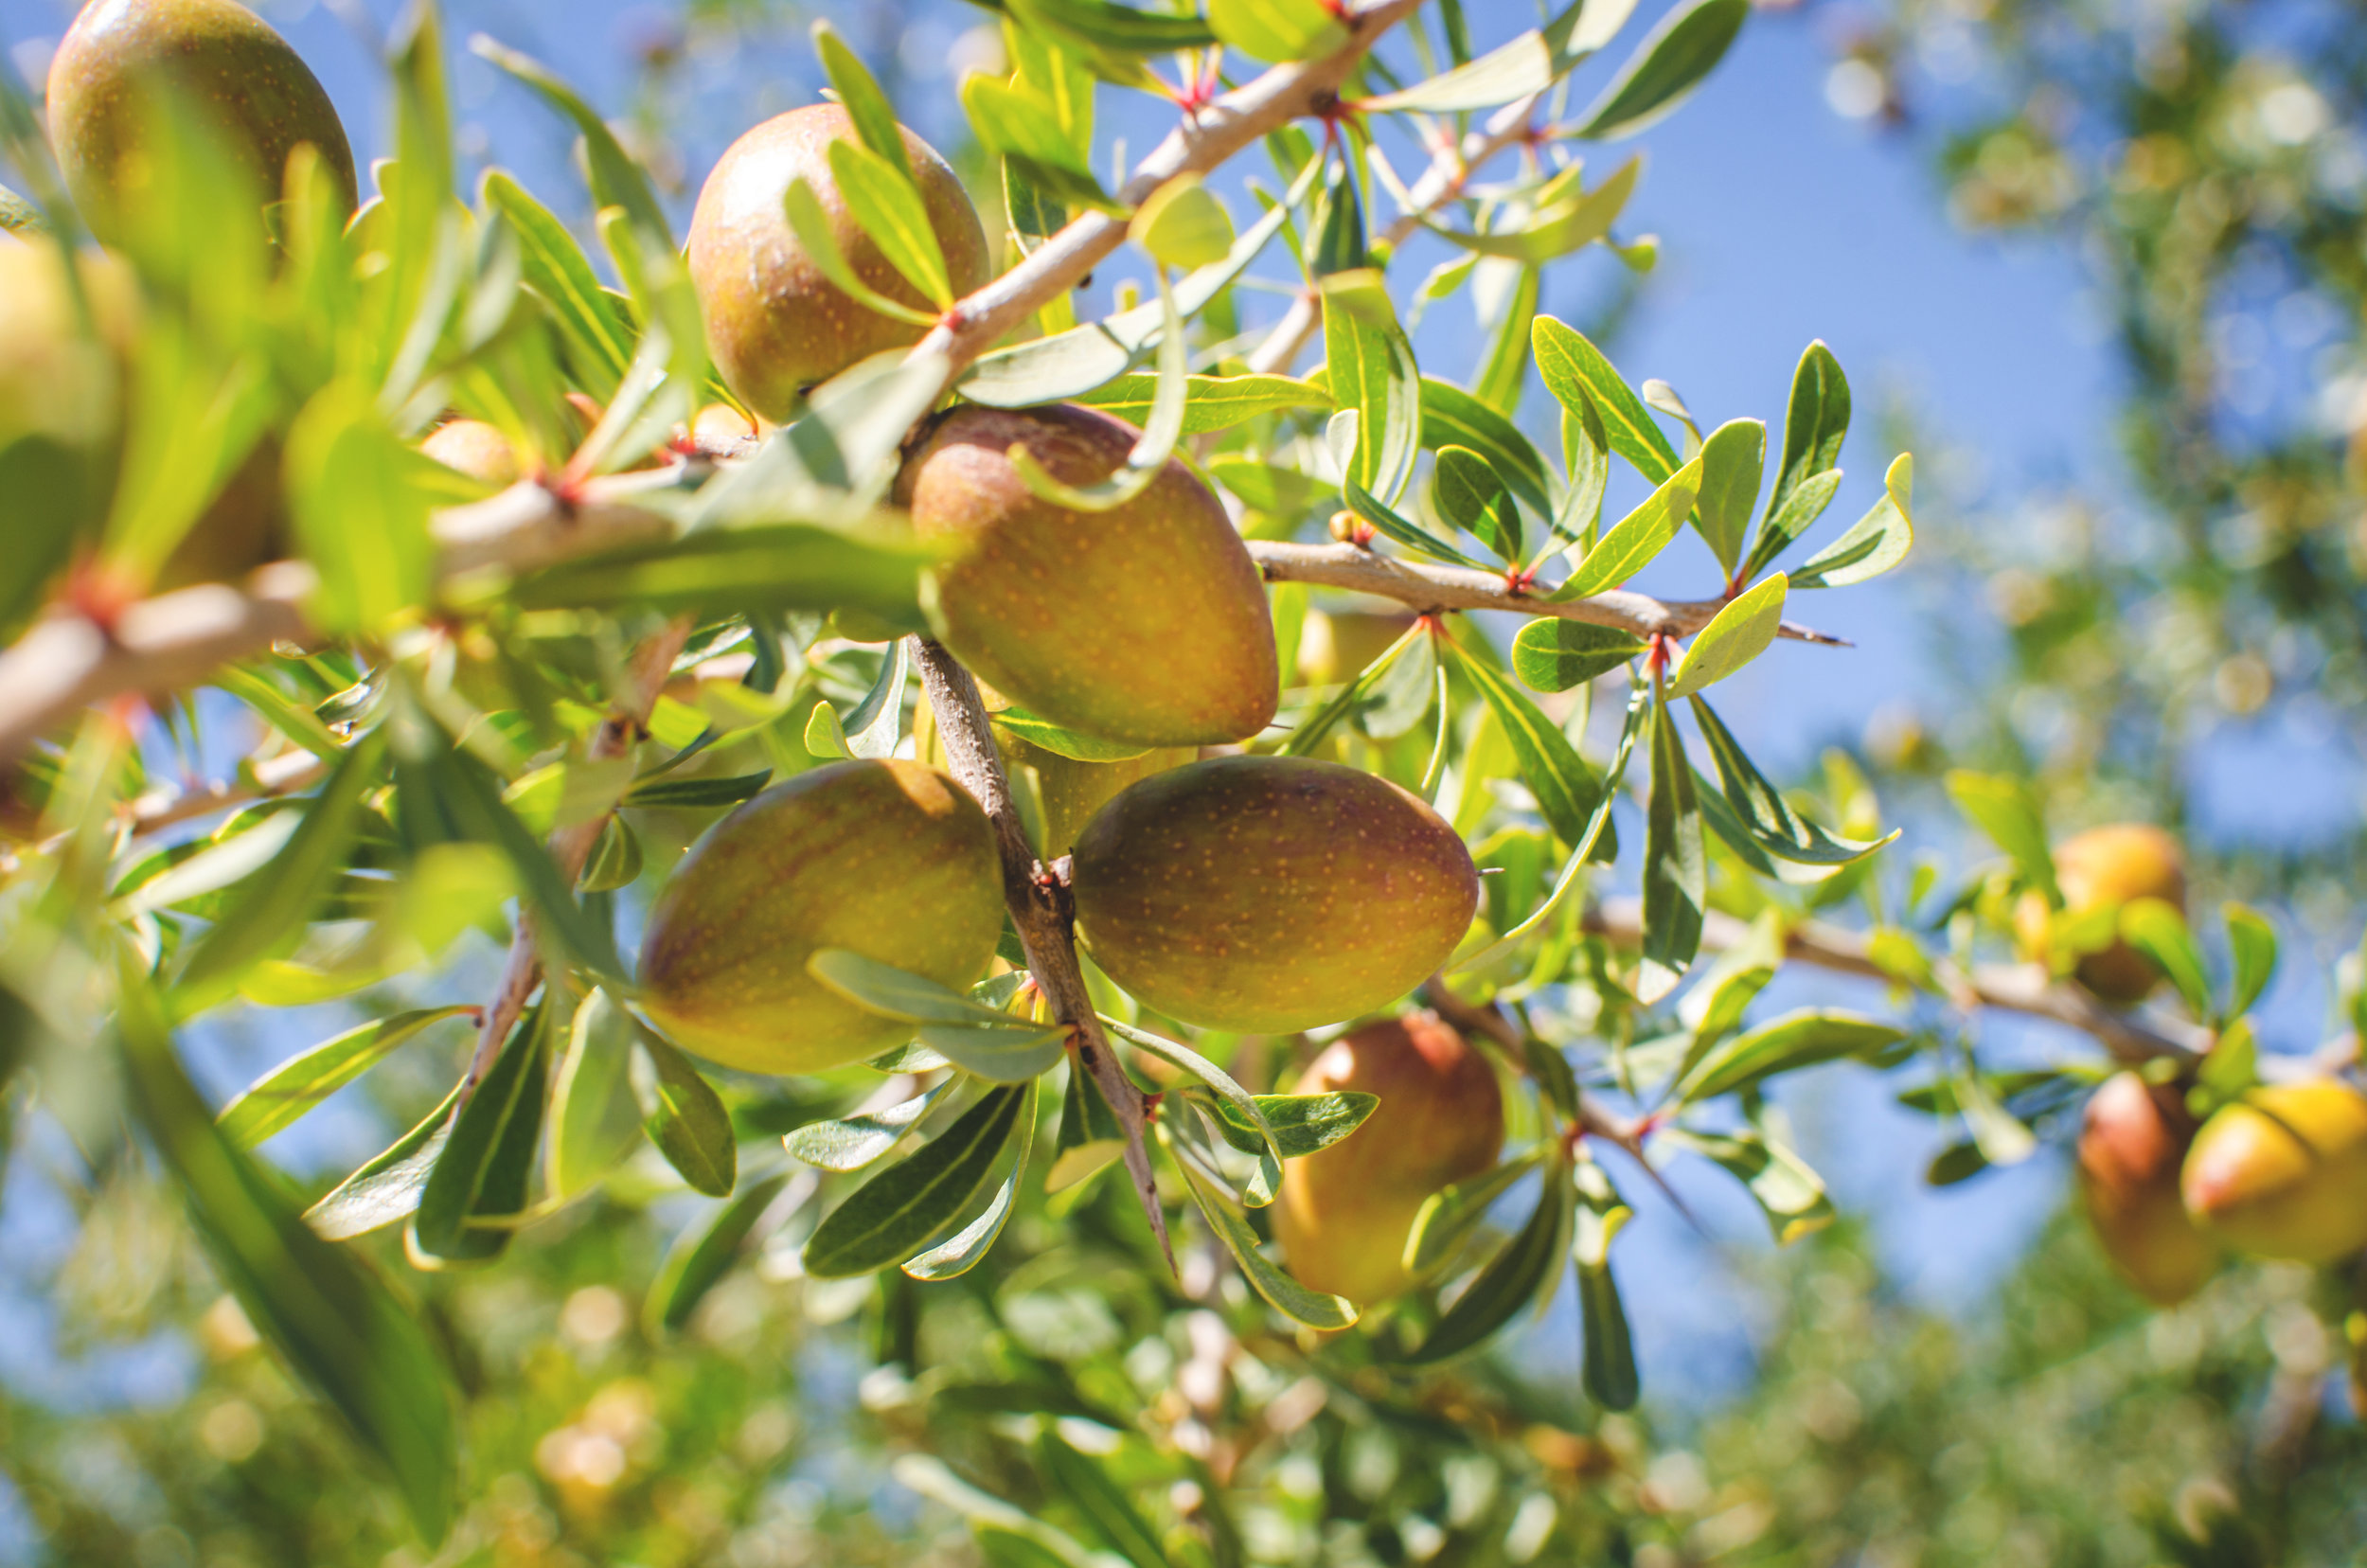 ACEITE DE ARGÁN  Se extrae de las semillas del fruto de la Argania spinosa o árbol de argán, una especie endémica de Marruecos. Se consume como parte de la dieta y es utilizado por sus por sus propiedades benéficas para la piel y el cabello. Brinda protección contra los rayos UV y se le atribuyen cualidades antiinflamatorias, antisépticas y antioxidantes.